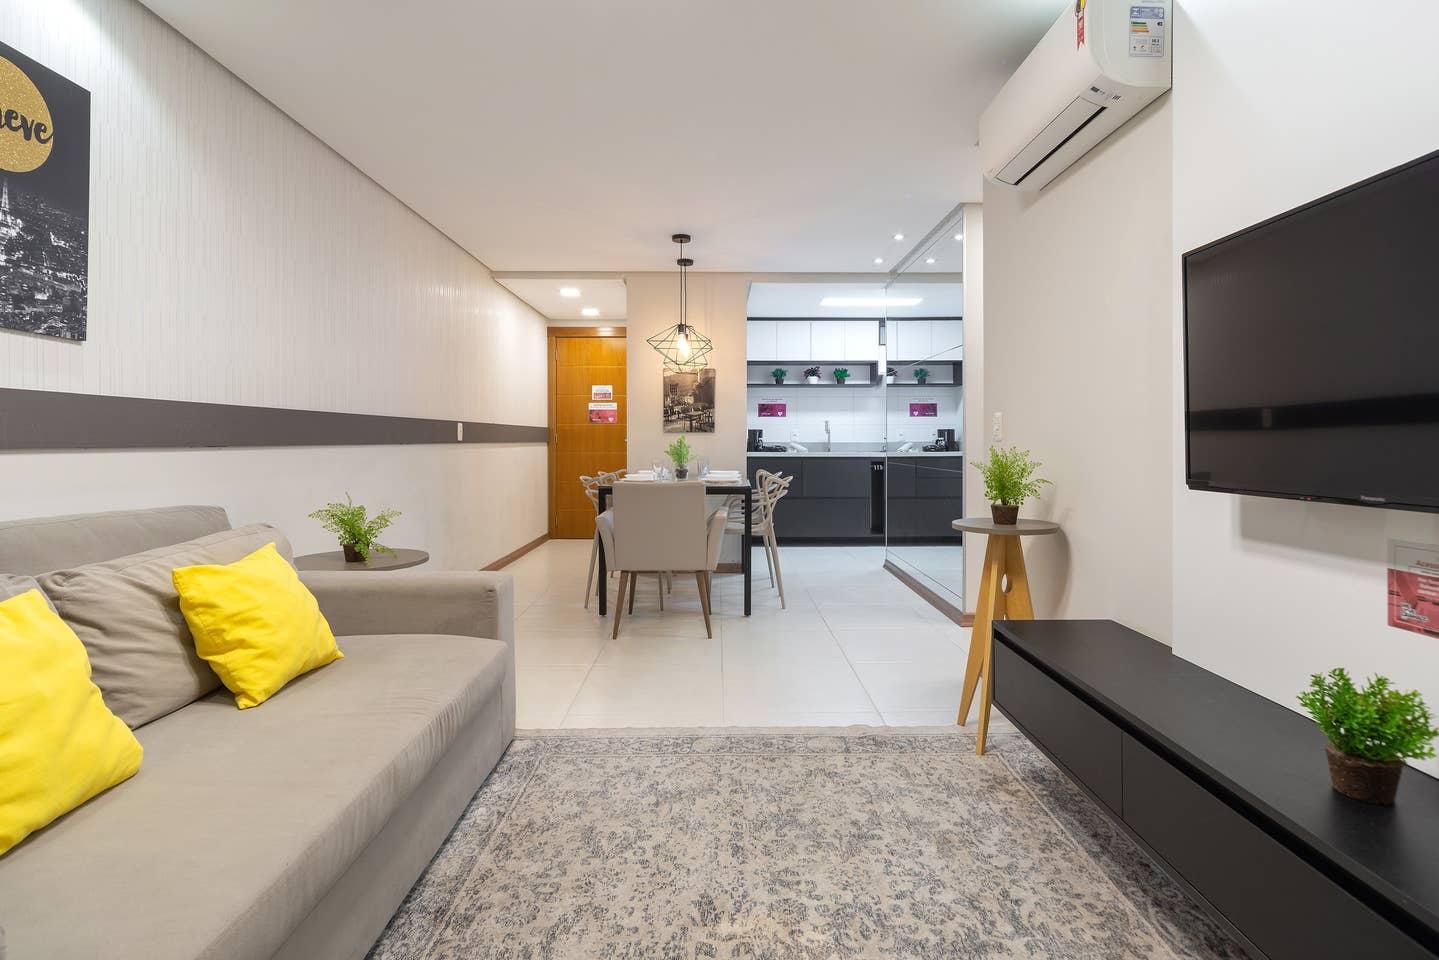 Melhor opção de hospedagem em Gramad Ferienwohnung in Brasilien